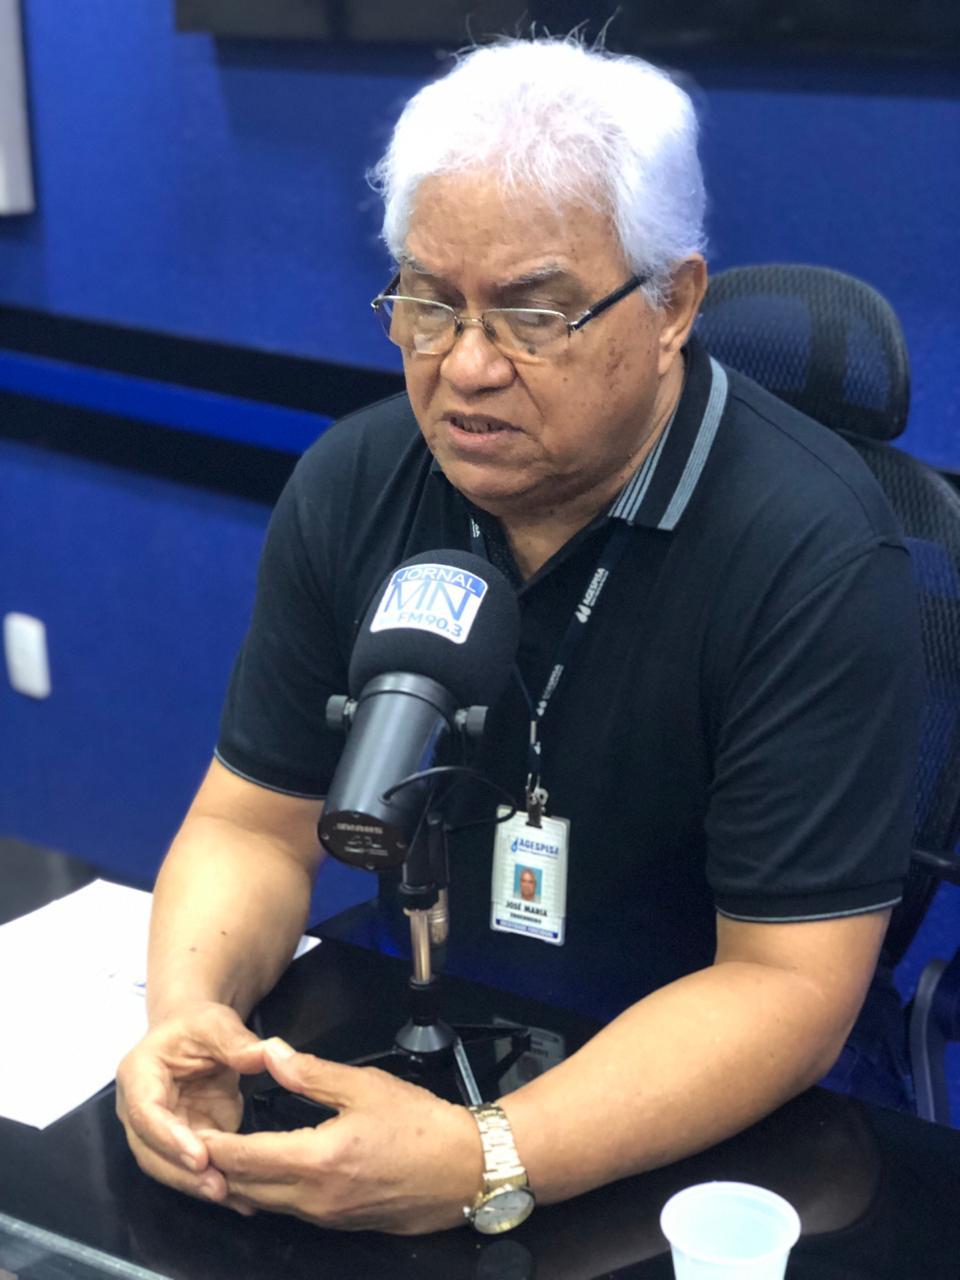 Agespisa quer continuar abastecimento de água em Parnaíba, defende diretor - Imagem 1